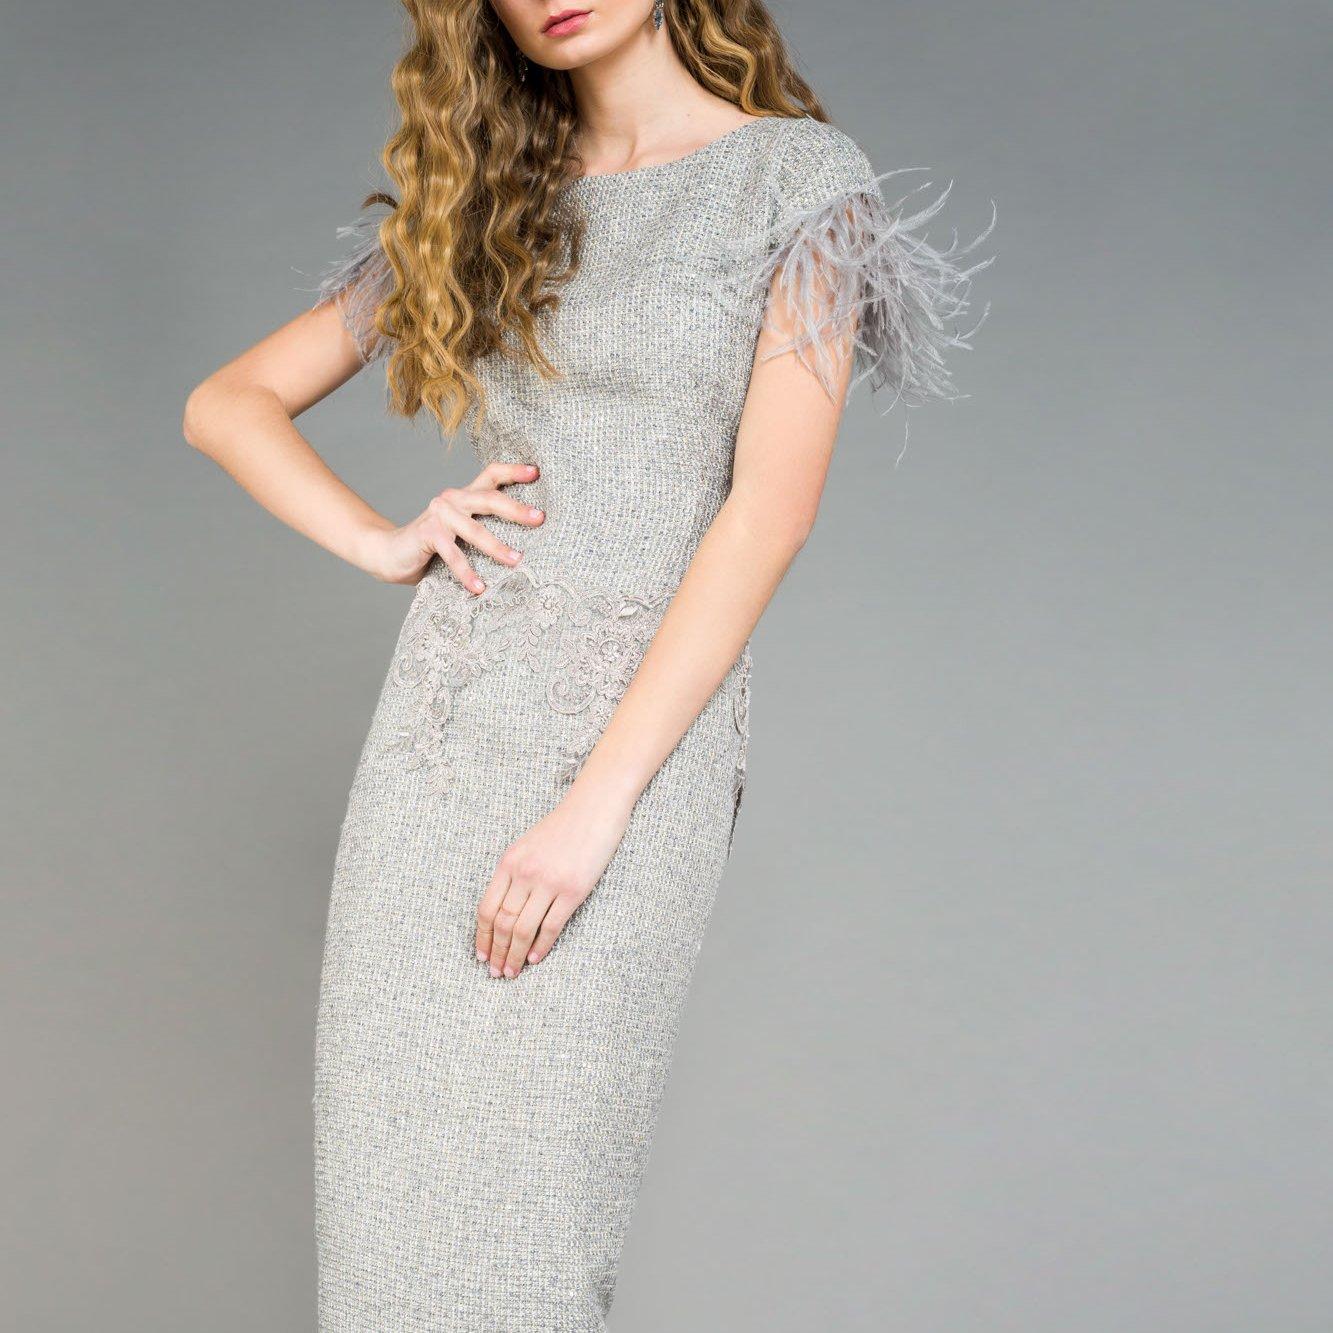 8-vestidos-romanticos-que querras-este-san-valentin-plumas